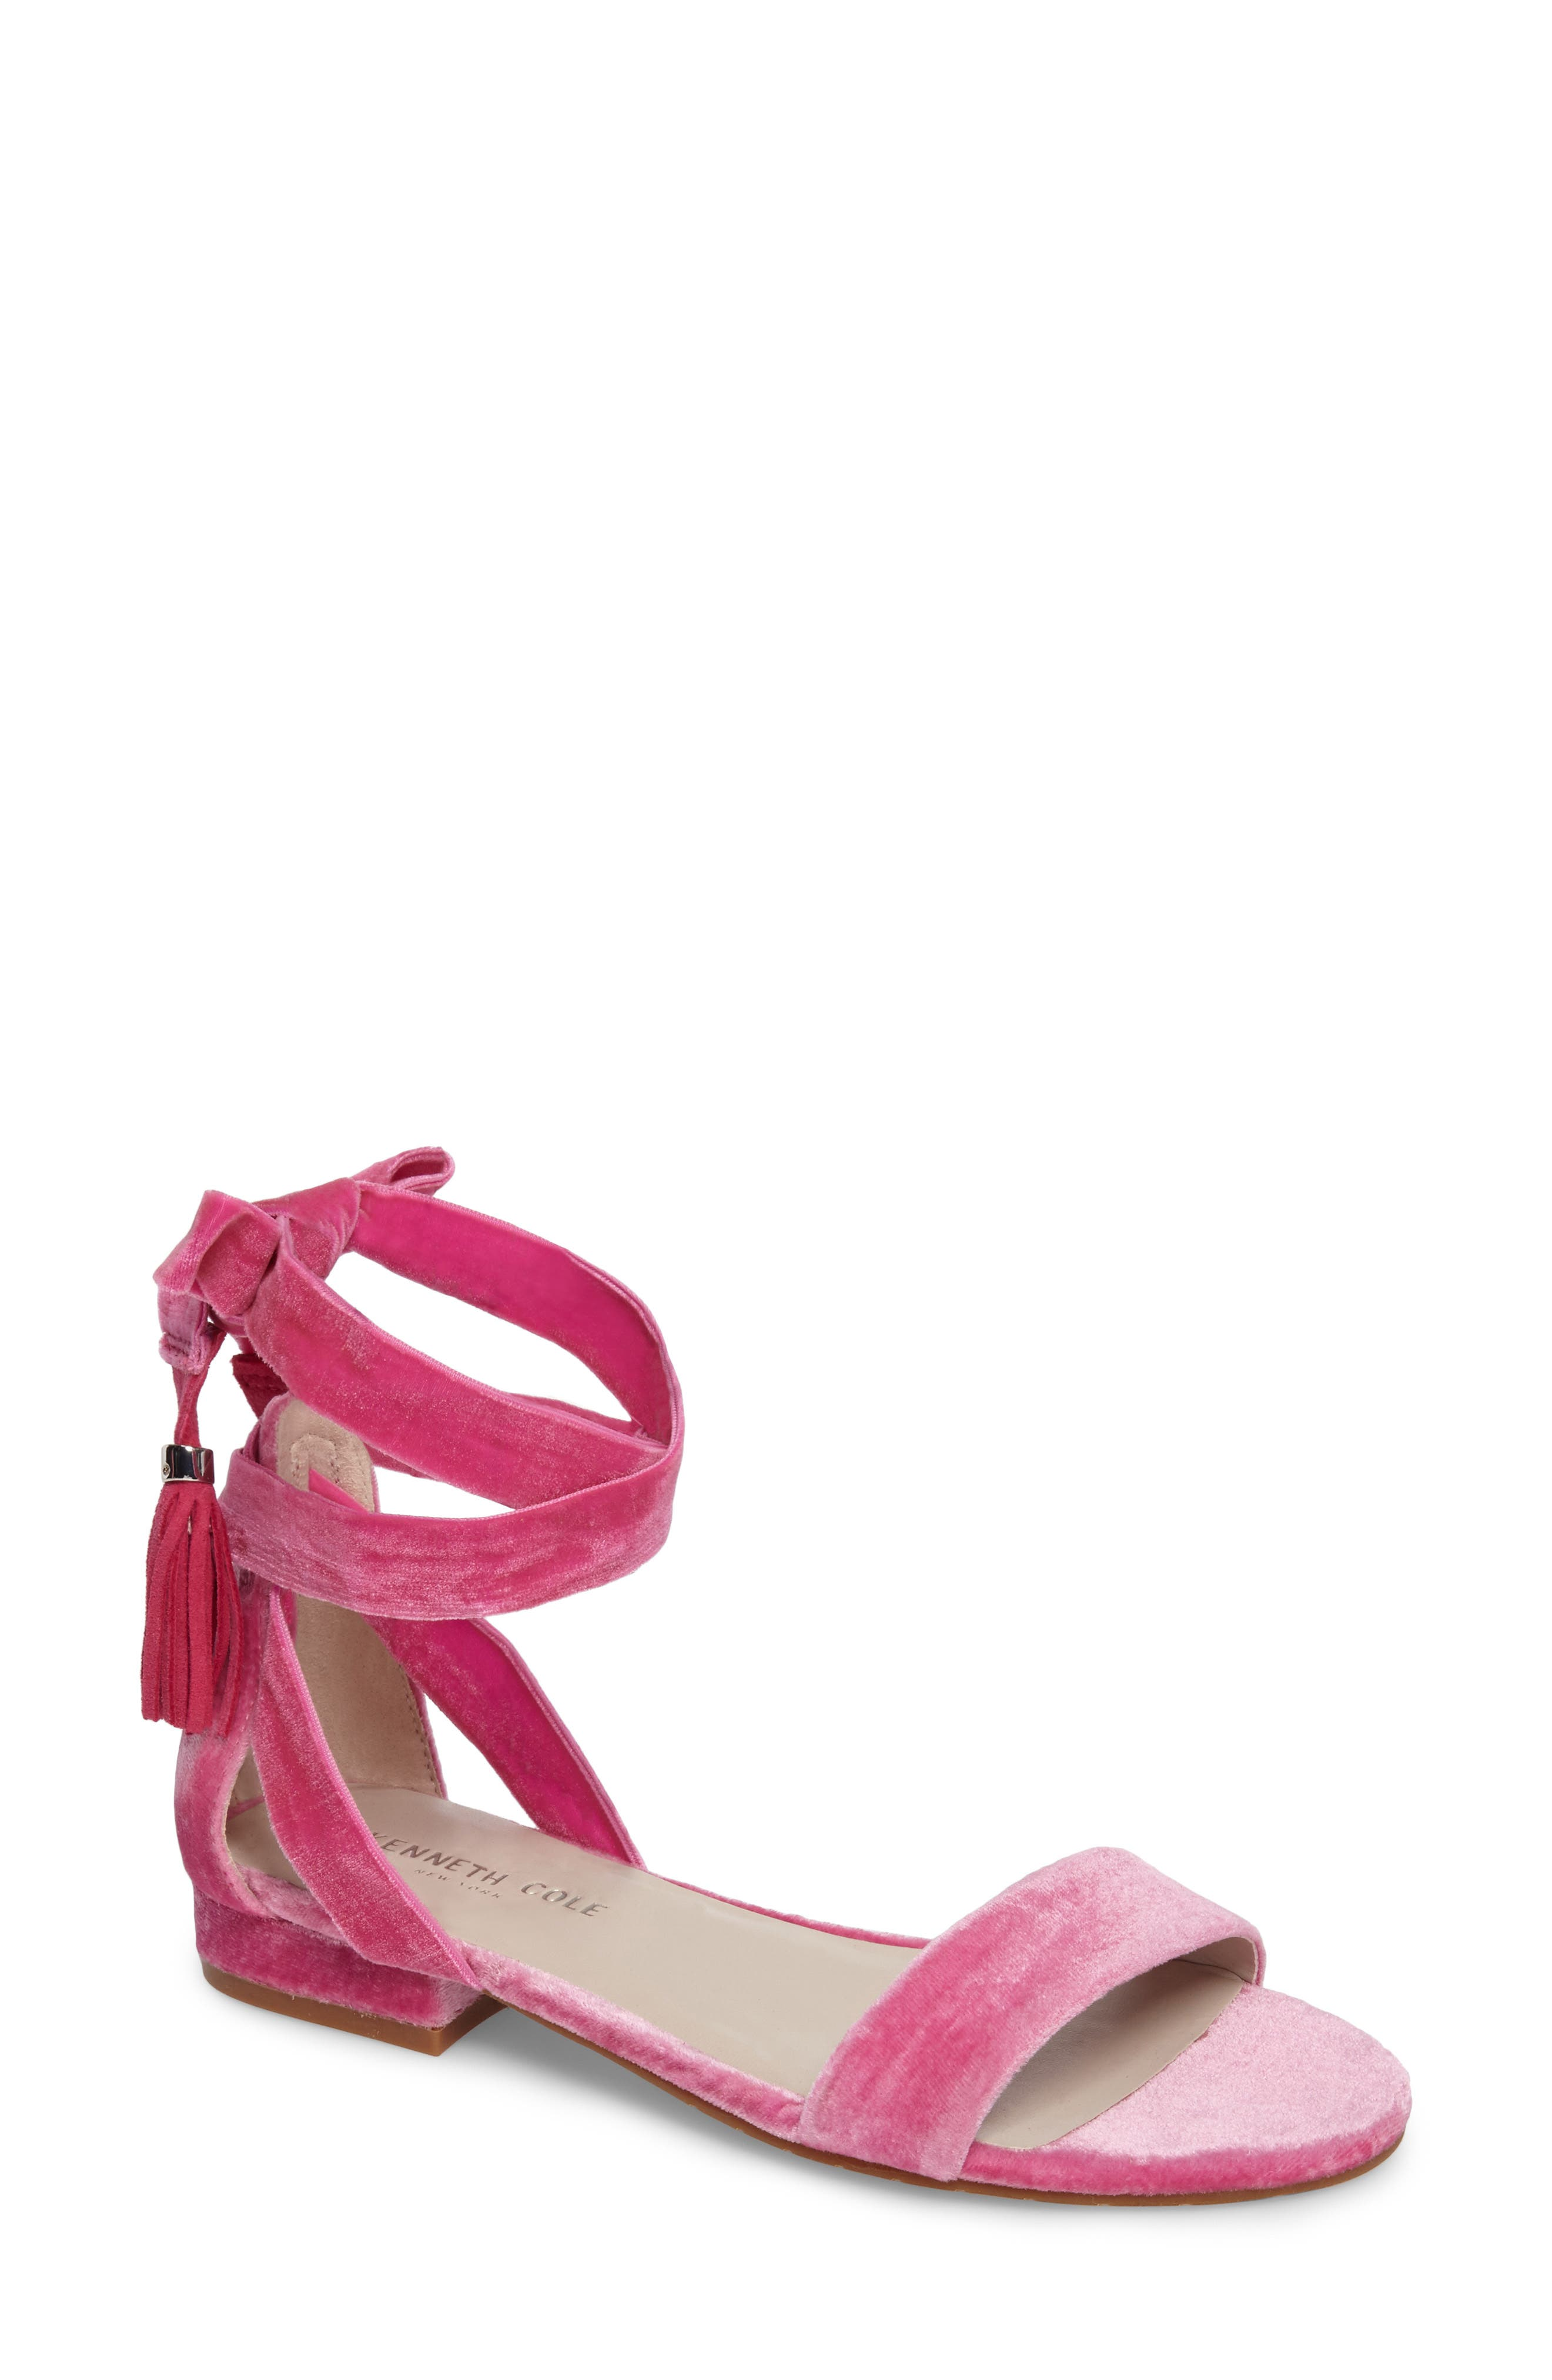 Valen Tassel Lace-Up Sandal,                         Main,                         color, Fuchsia Velvet